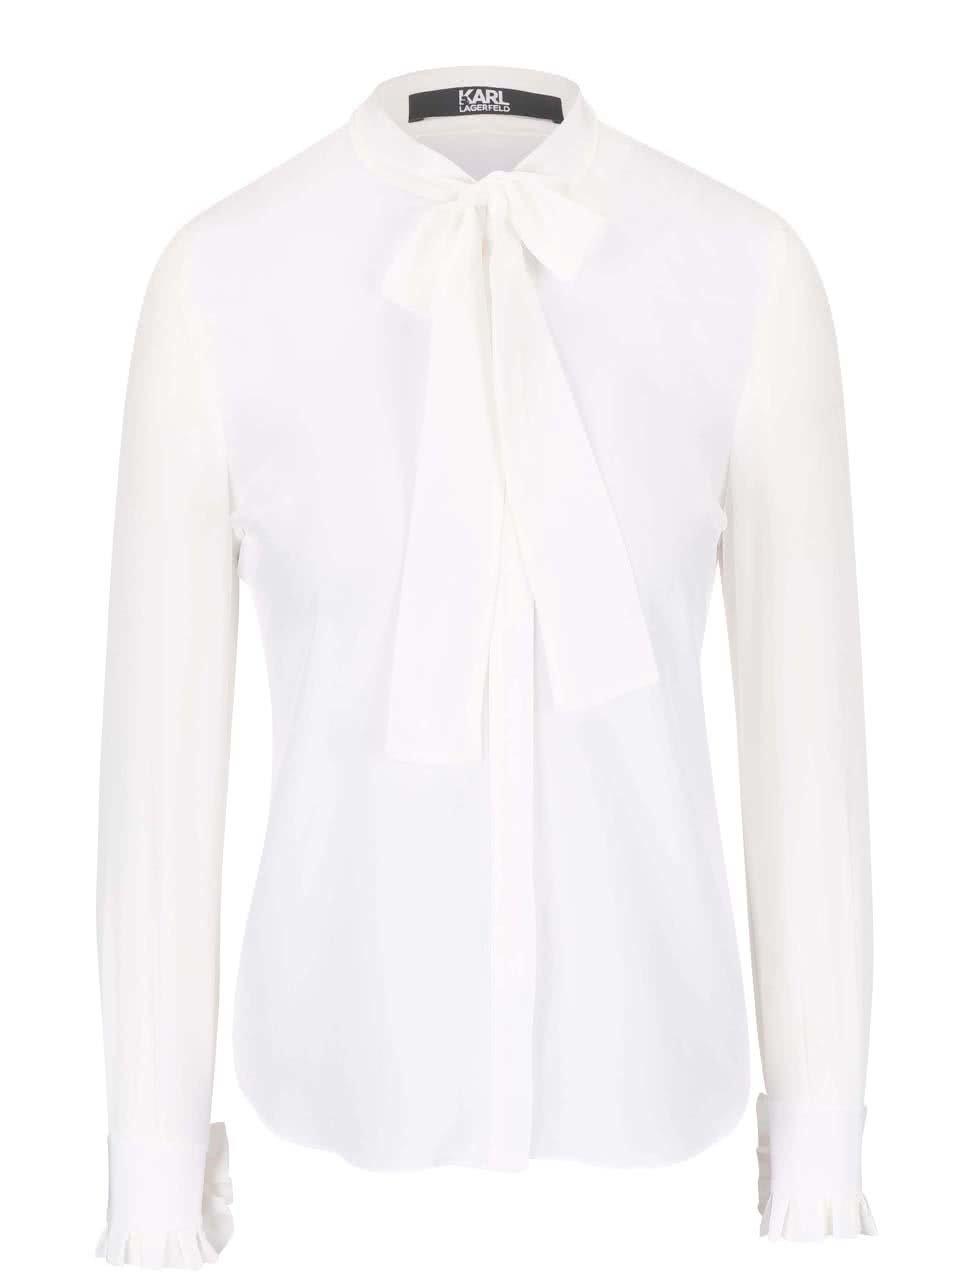 ecd74e8c75a Krémová hedvábná košile s vázankou KARL LAGERFELD ...